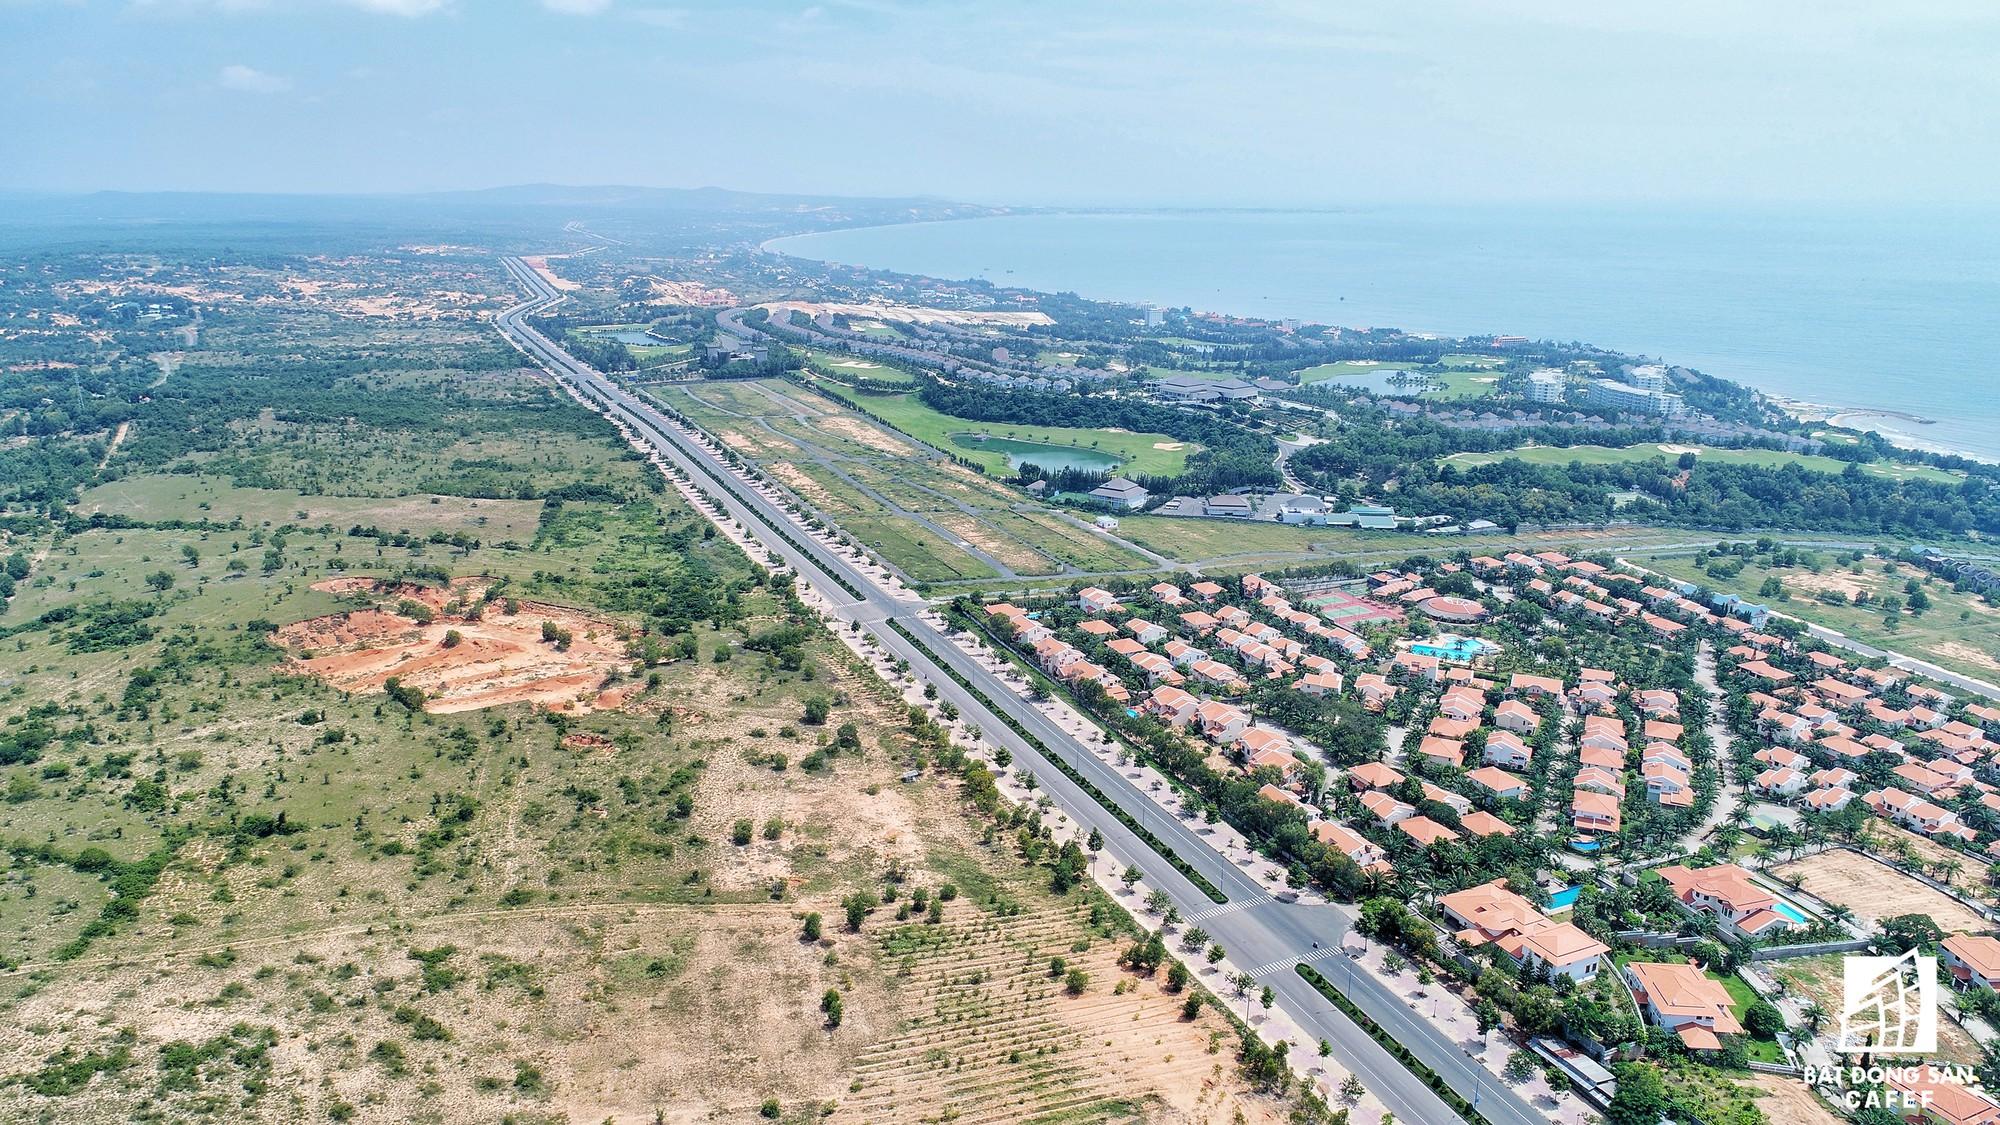 Quy hoạch thành khu du lịch quốc gia, dải ven biển này đang đón dòng vốn hàng tỷ USD, giá đất tăng chóng mặt - Ảnh 27.